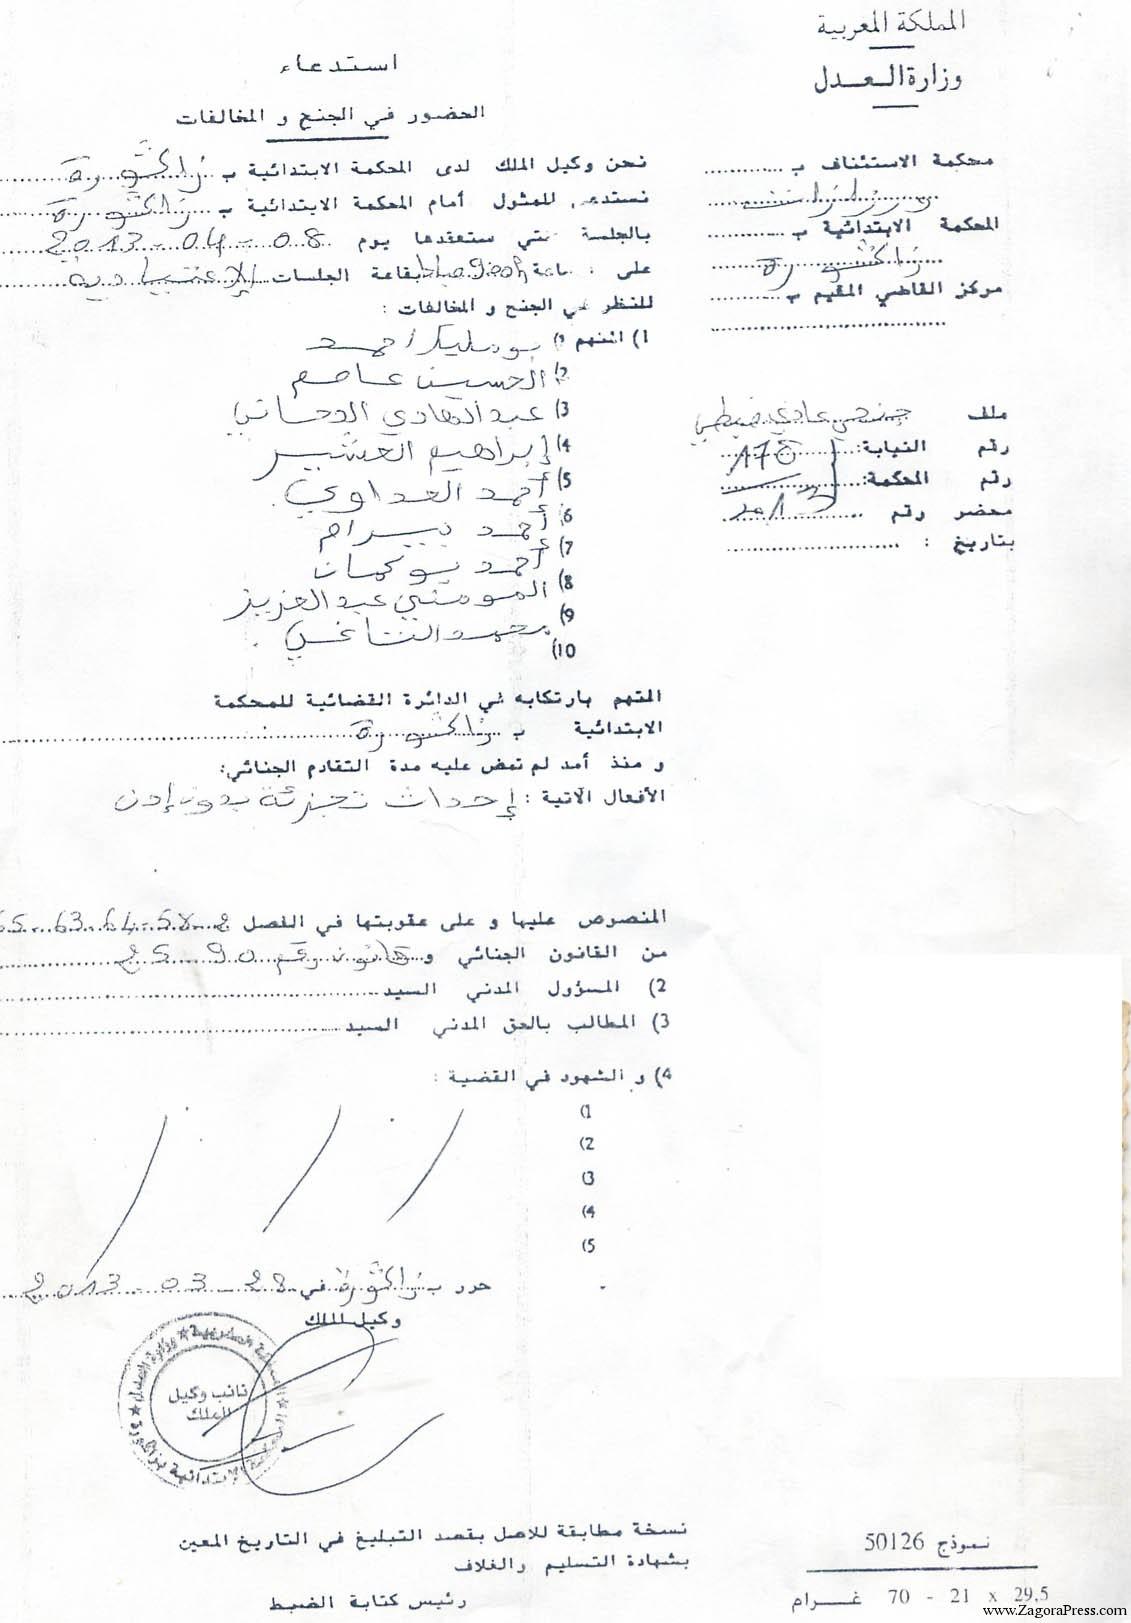 ذوي الحقوق في أراضي الجموع لتنسيطة اخشاع يطالبون بانصافهم